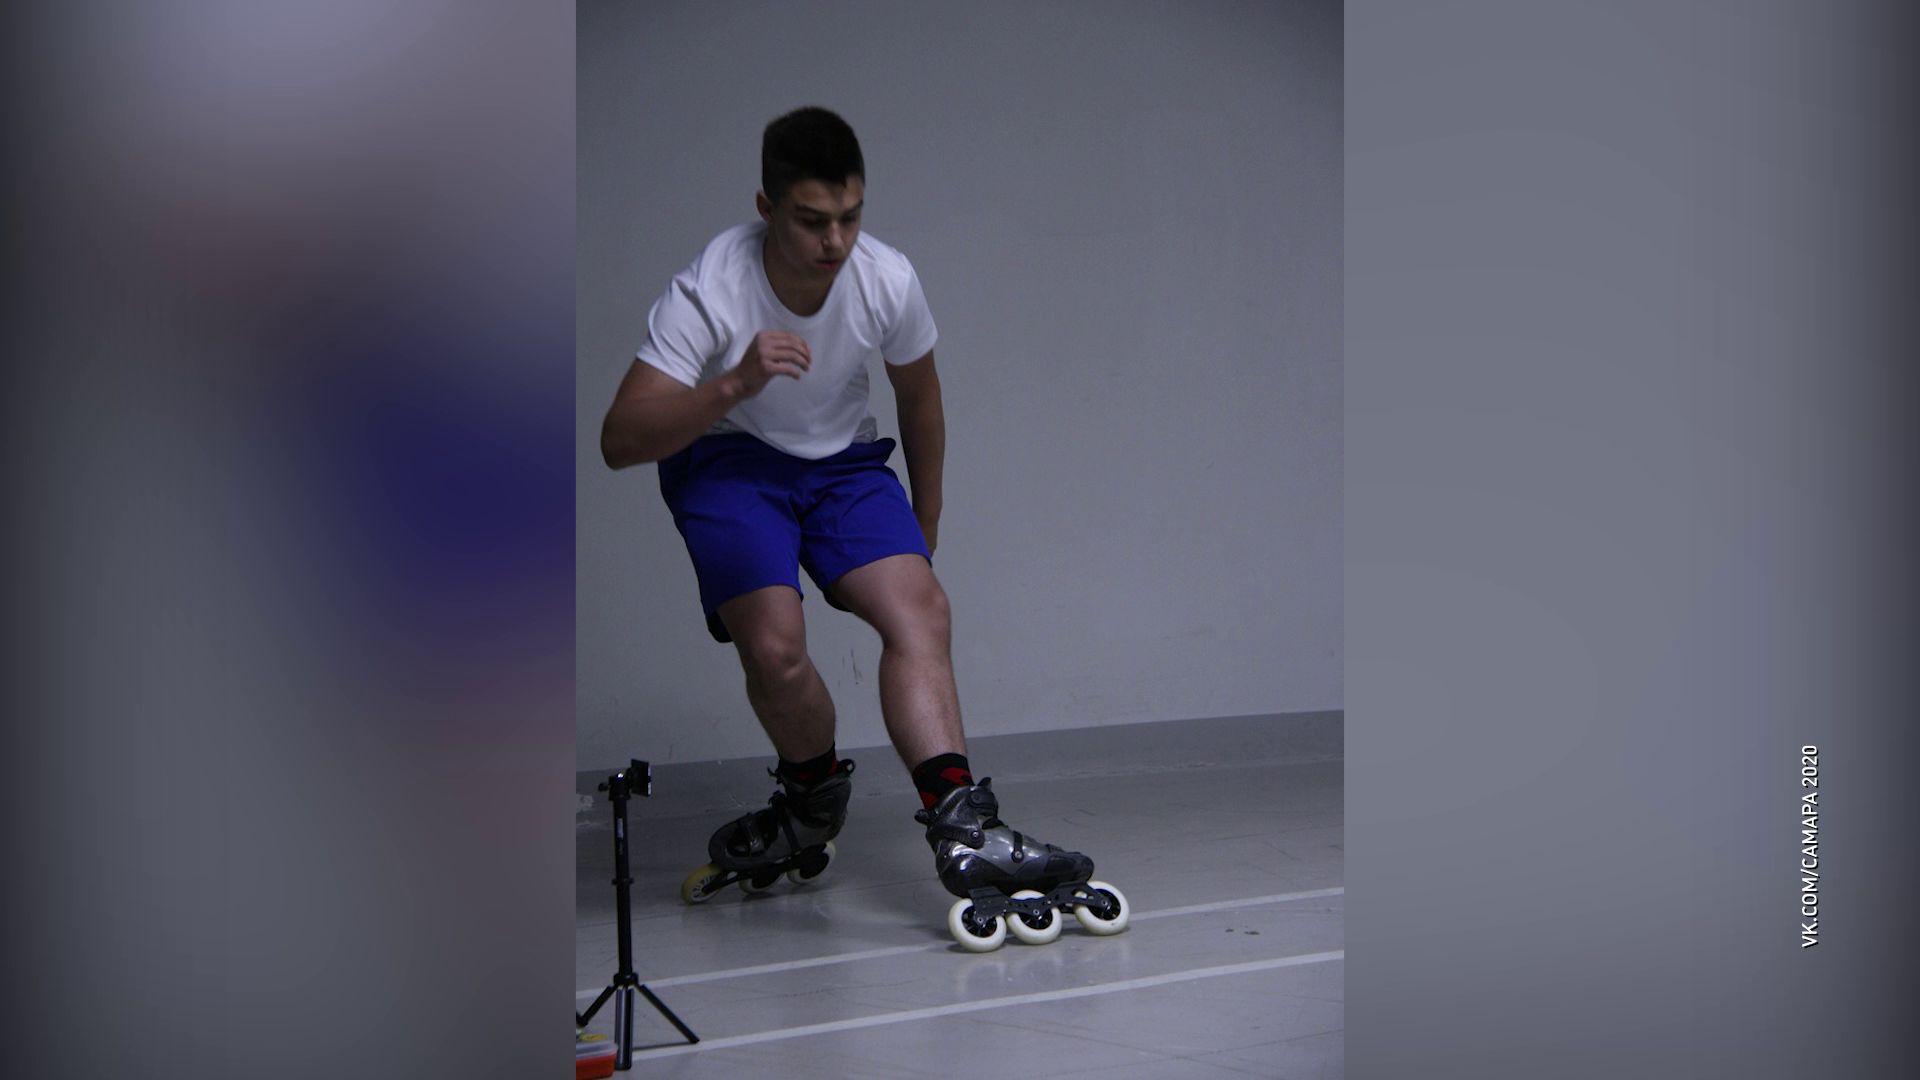 Ярославец стал лучшим на соревнованиях по фристайлу на роликах